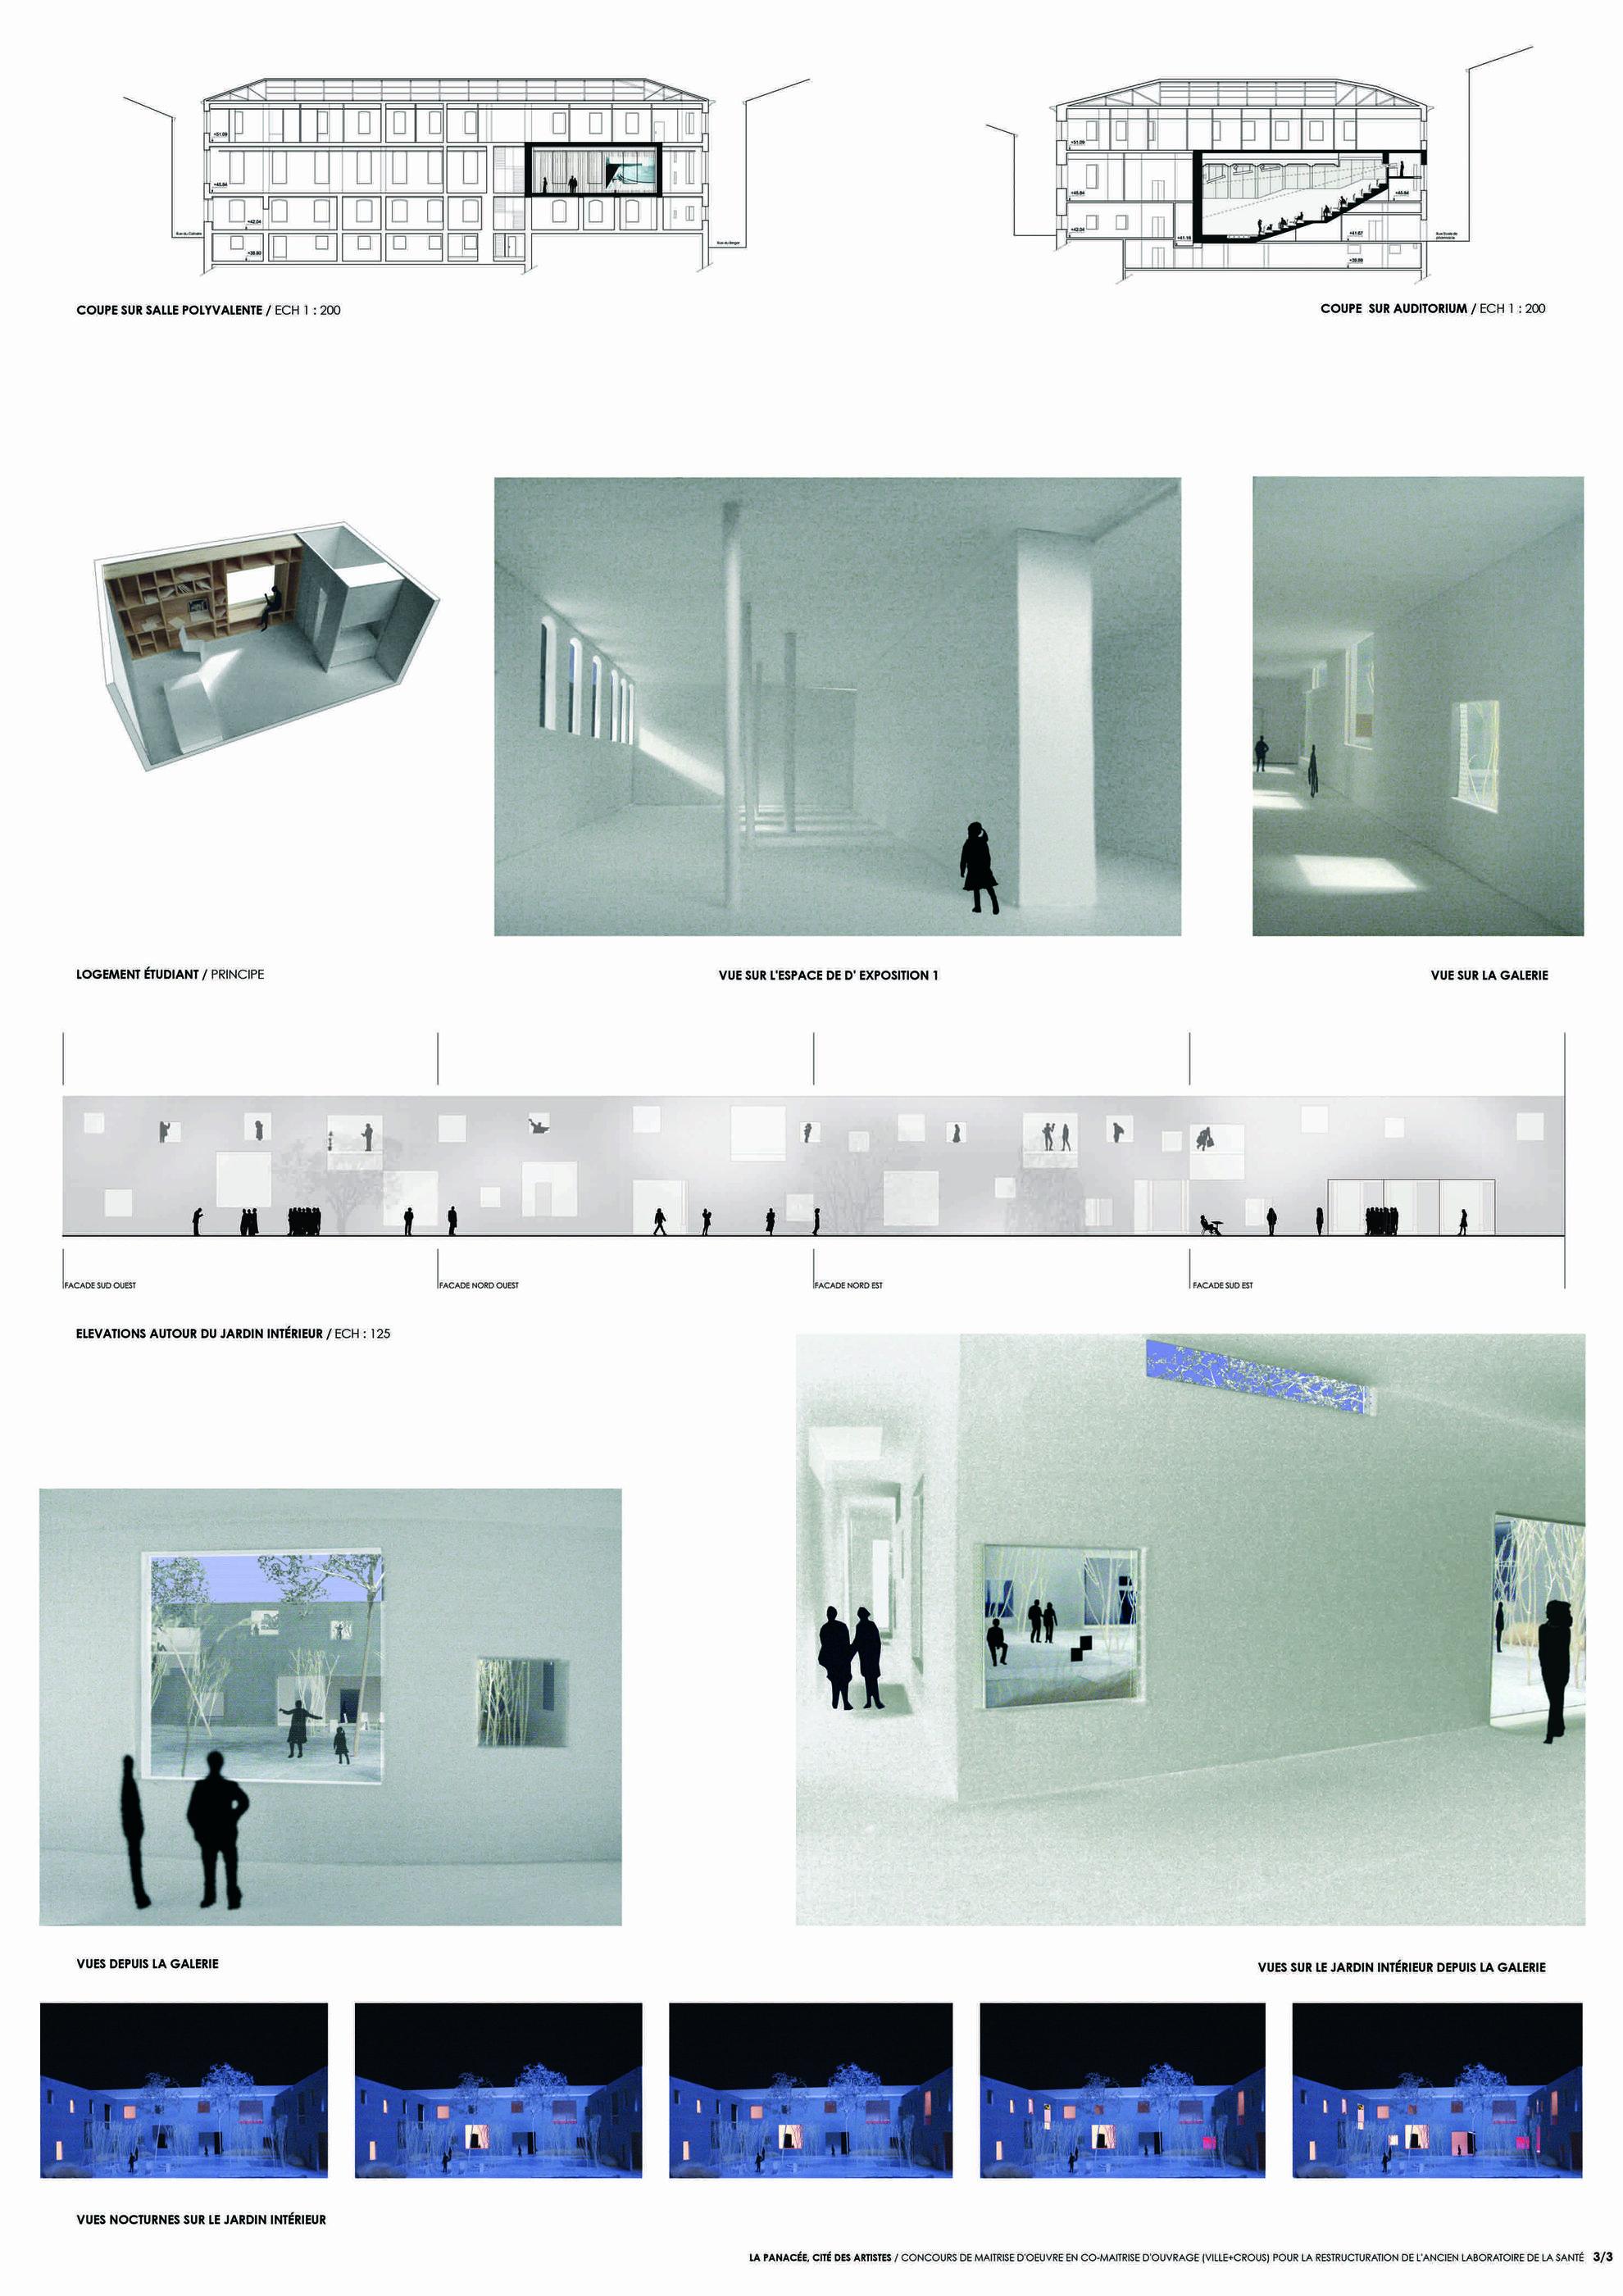 Maitrise D Oeuvre Montpellier thomas miraoui : portfolio :equipements publics